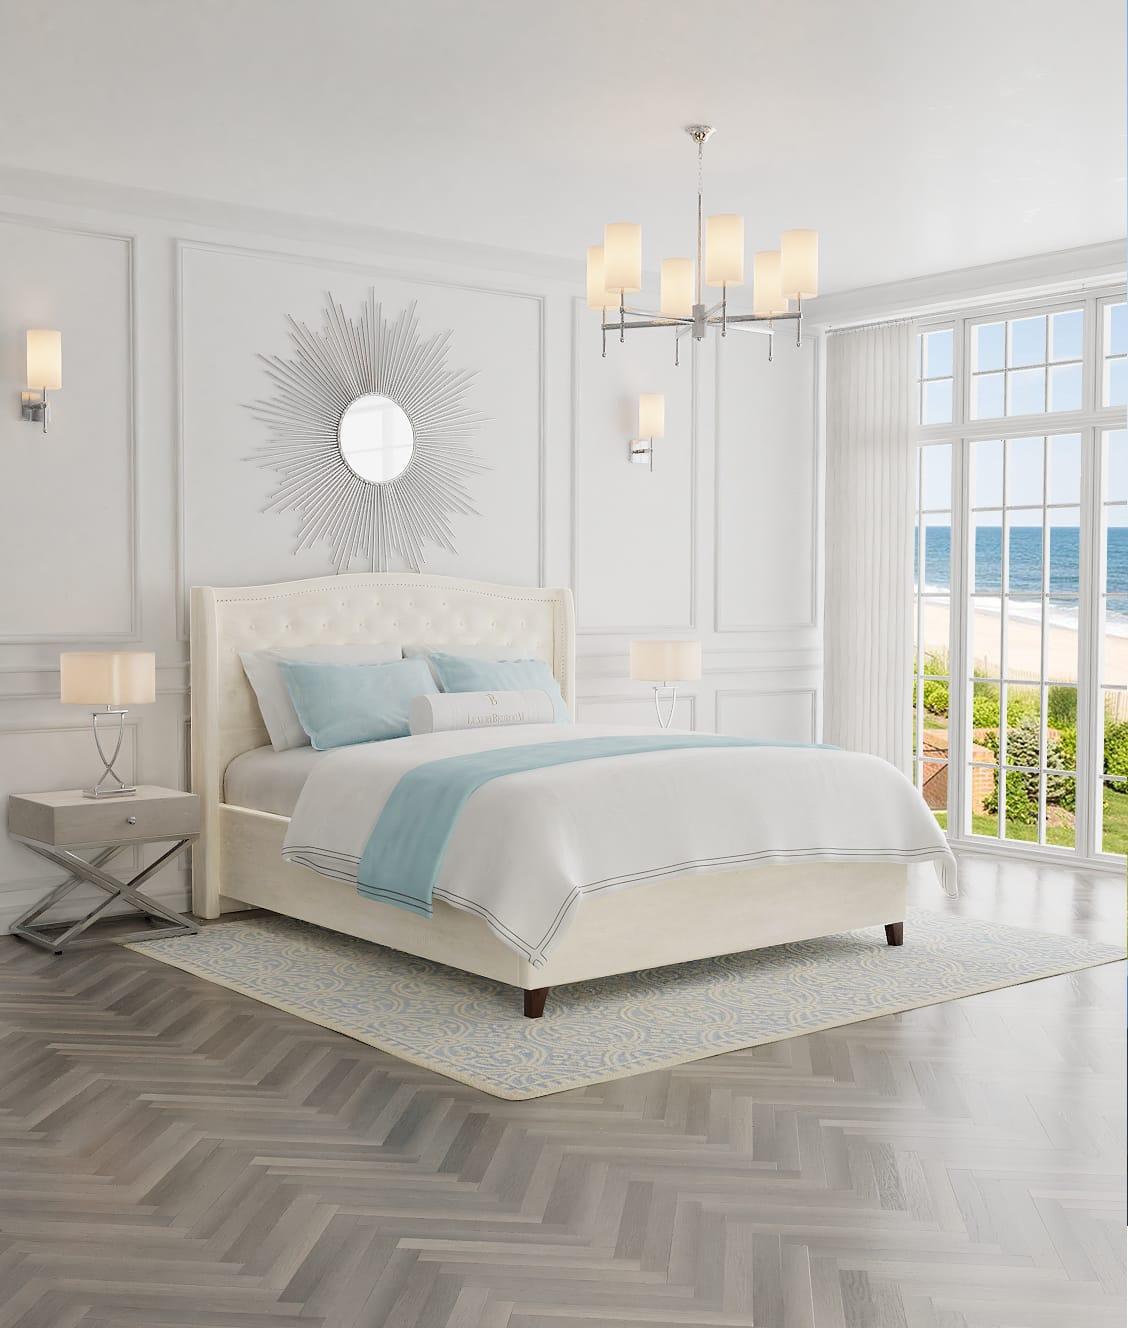 łóżko z ruchomym zagłówkiem